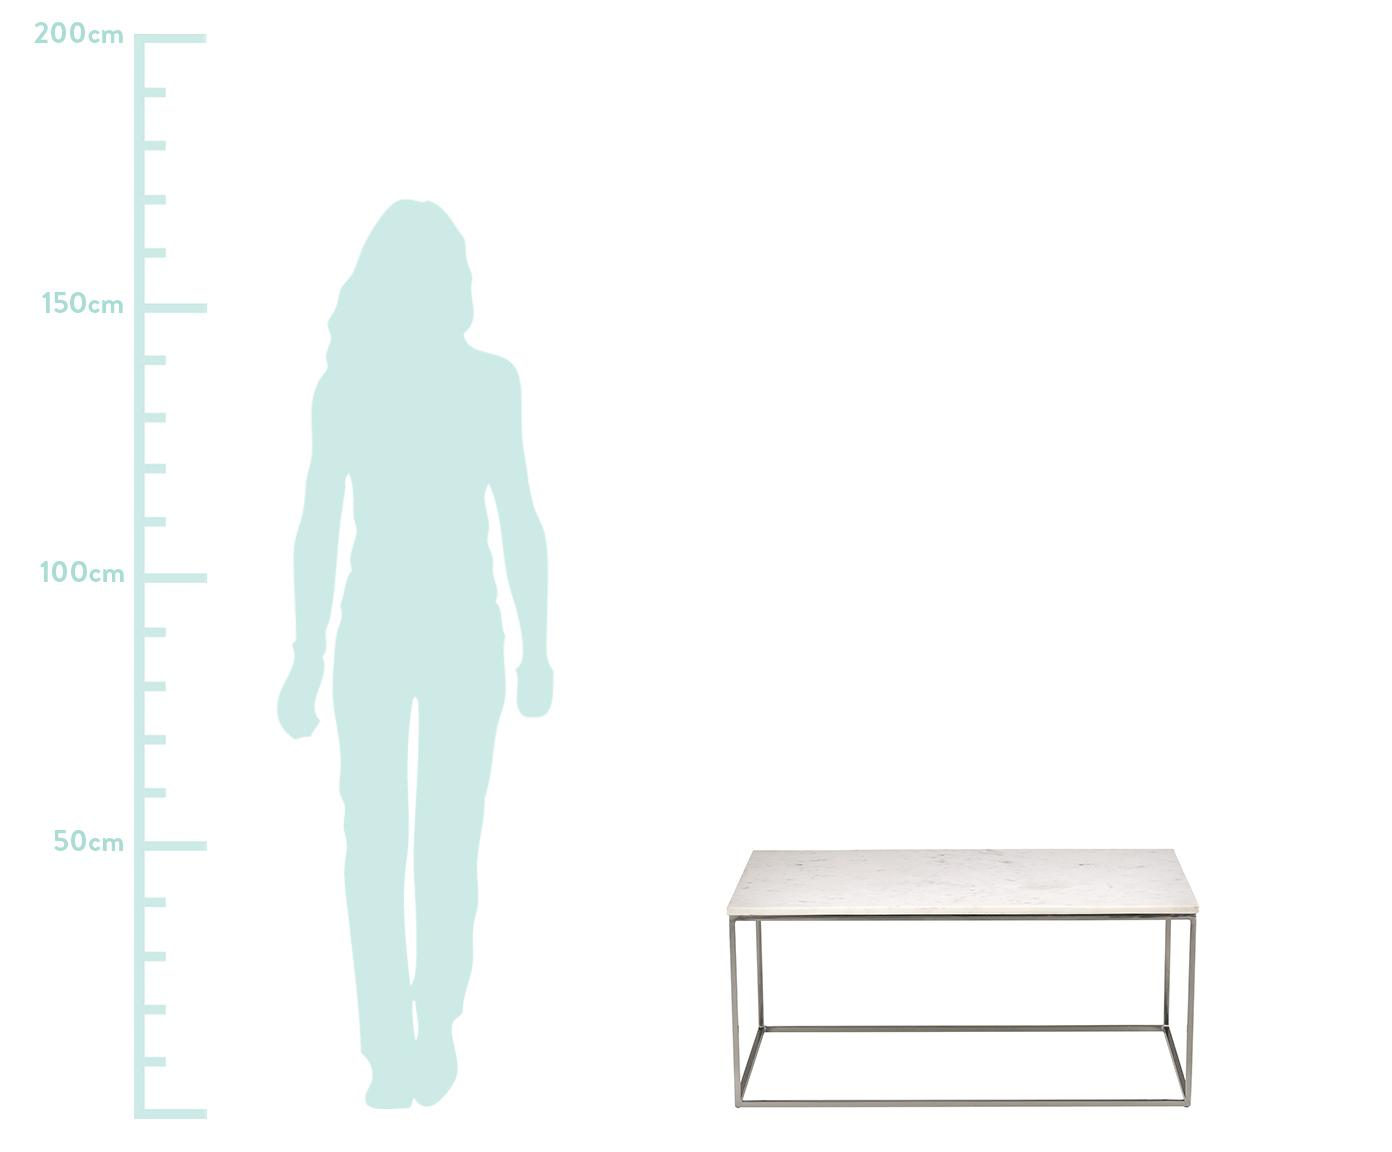 Marmor-Couchtisch Alys, Tischplatte: Marmor, Gestell: Metall, pulverbeschichtet, Tischplatte: weißer MarmorGestell: Silber, glänzend, 80 x 45 cm